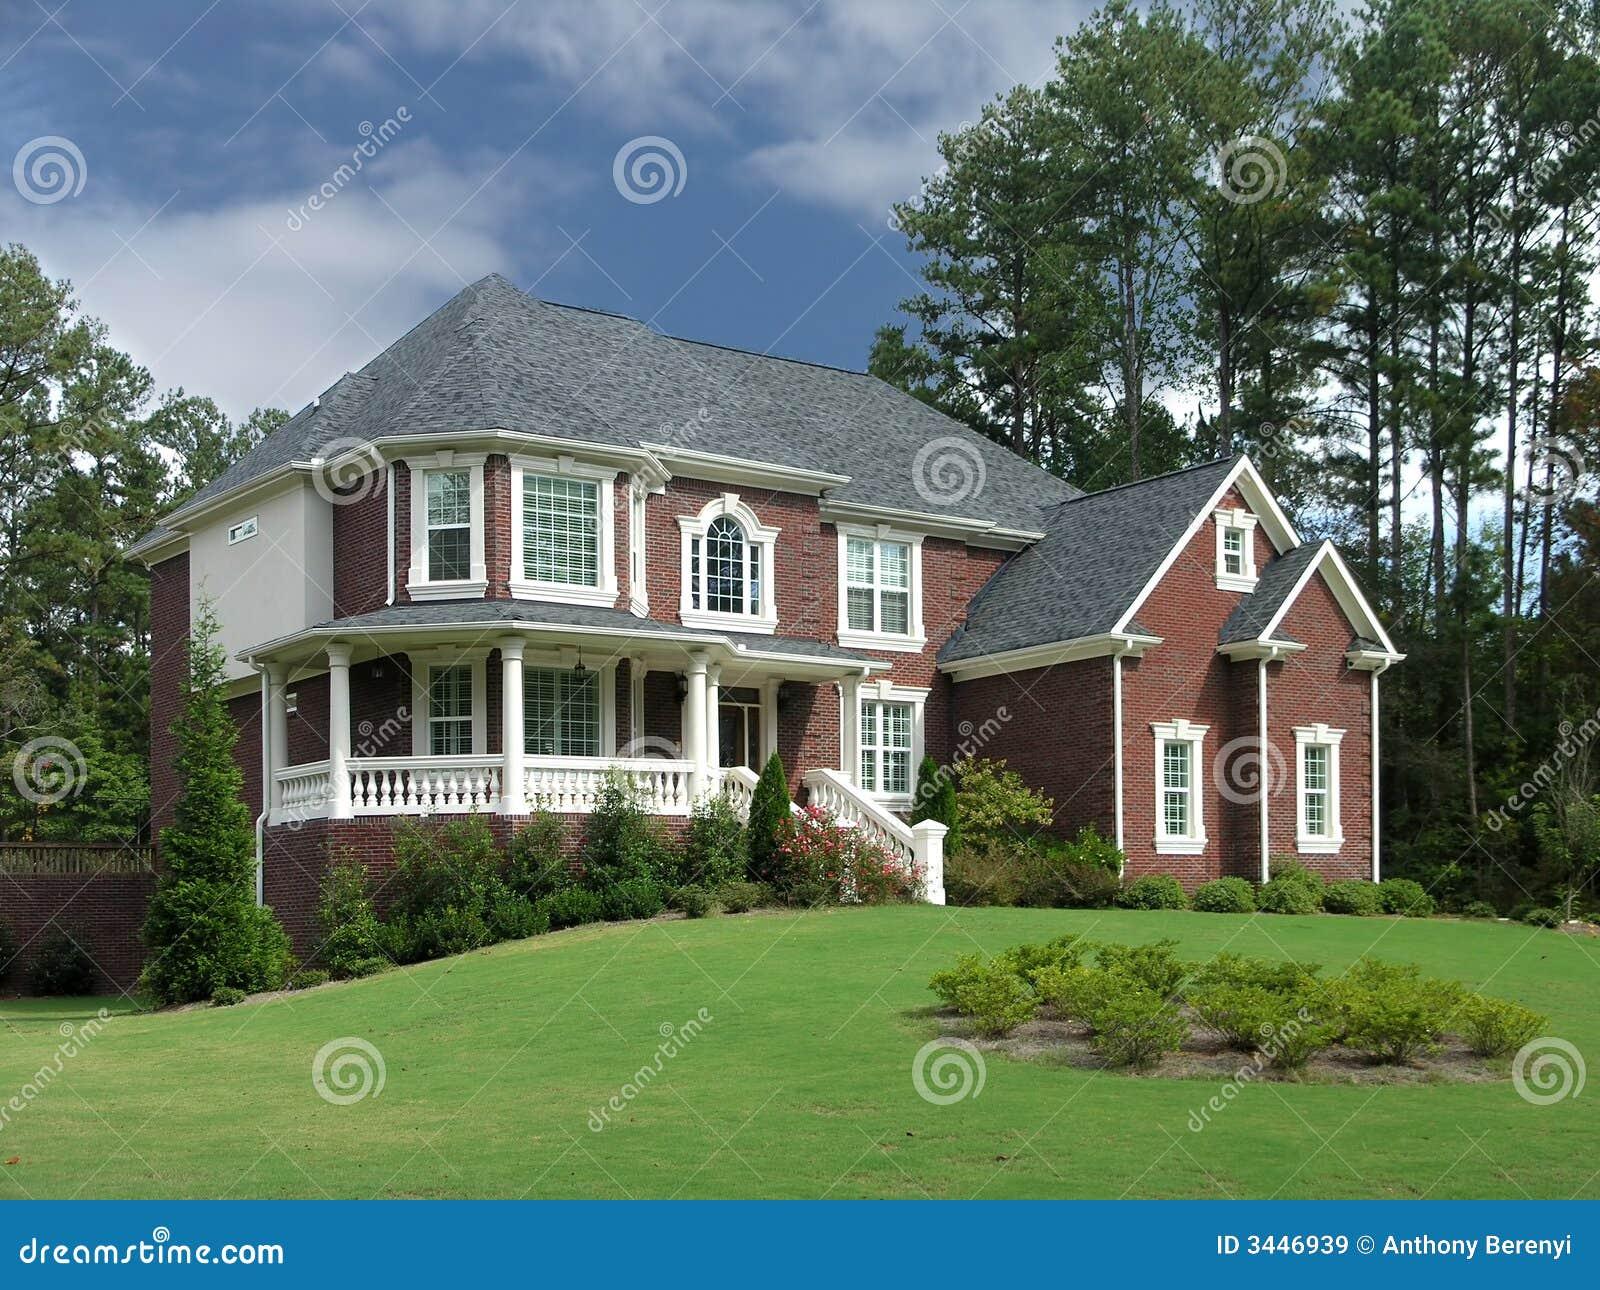 Luxury Home Exterior 41